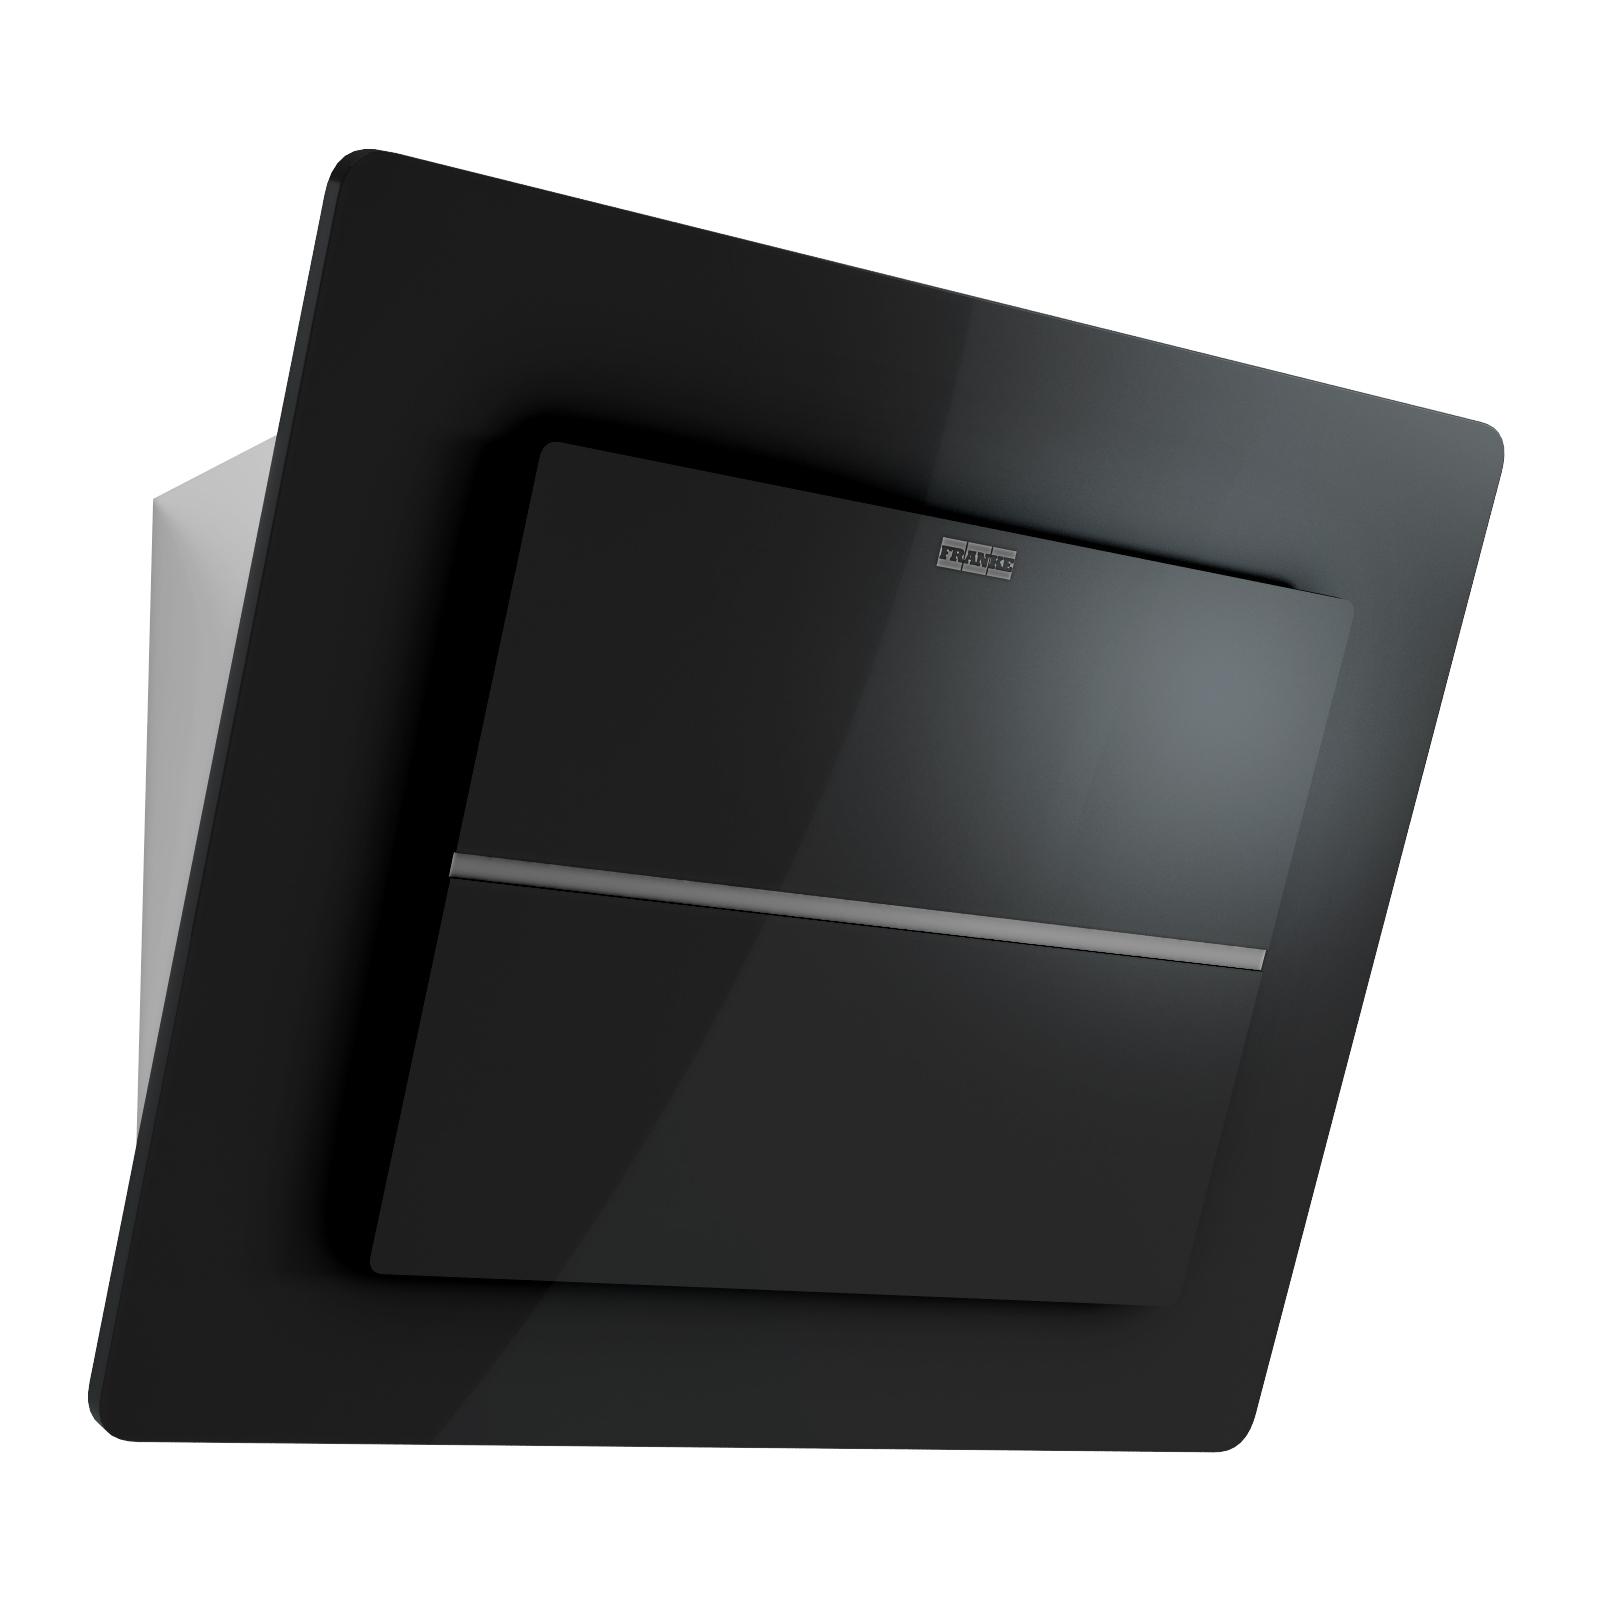 hotte franke pas cher electro10count. Black Bedroom Furniture Sets. Home Design Ideas